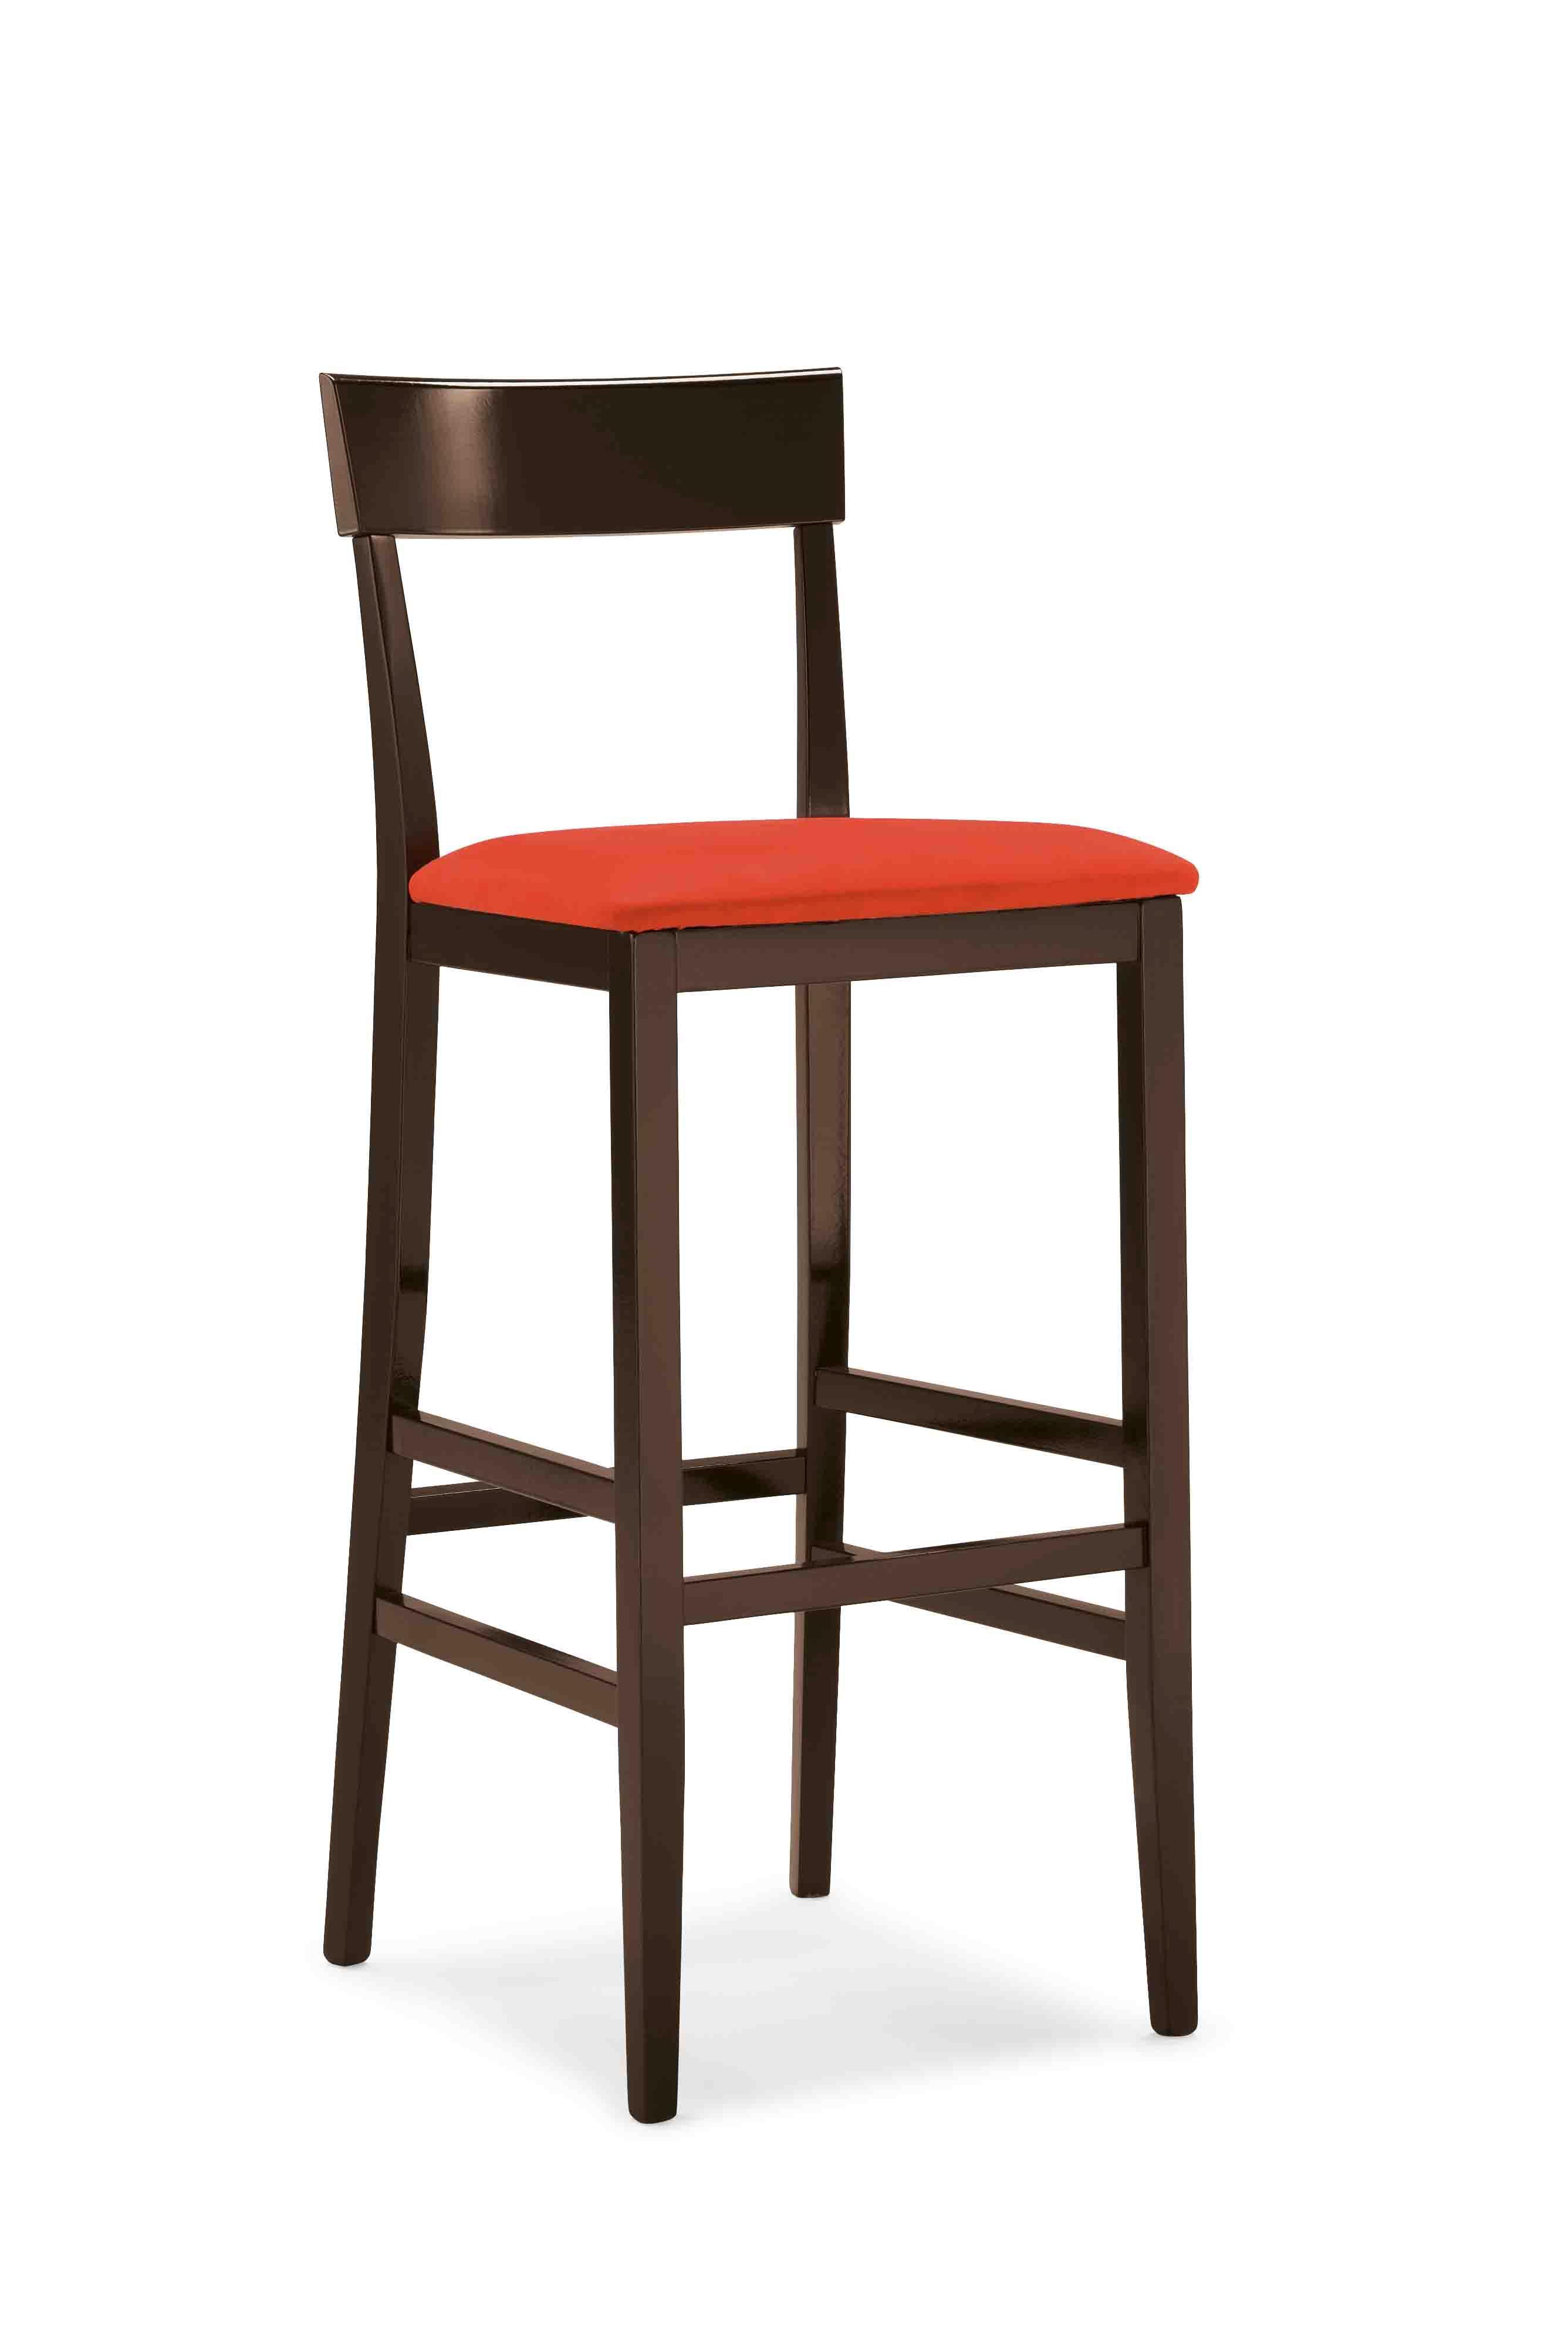 Sillas de barra tradicional 4 0 10000 0 piezas for Modelos de sillas para barra en madera